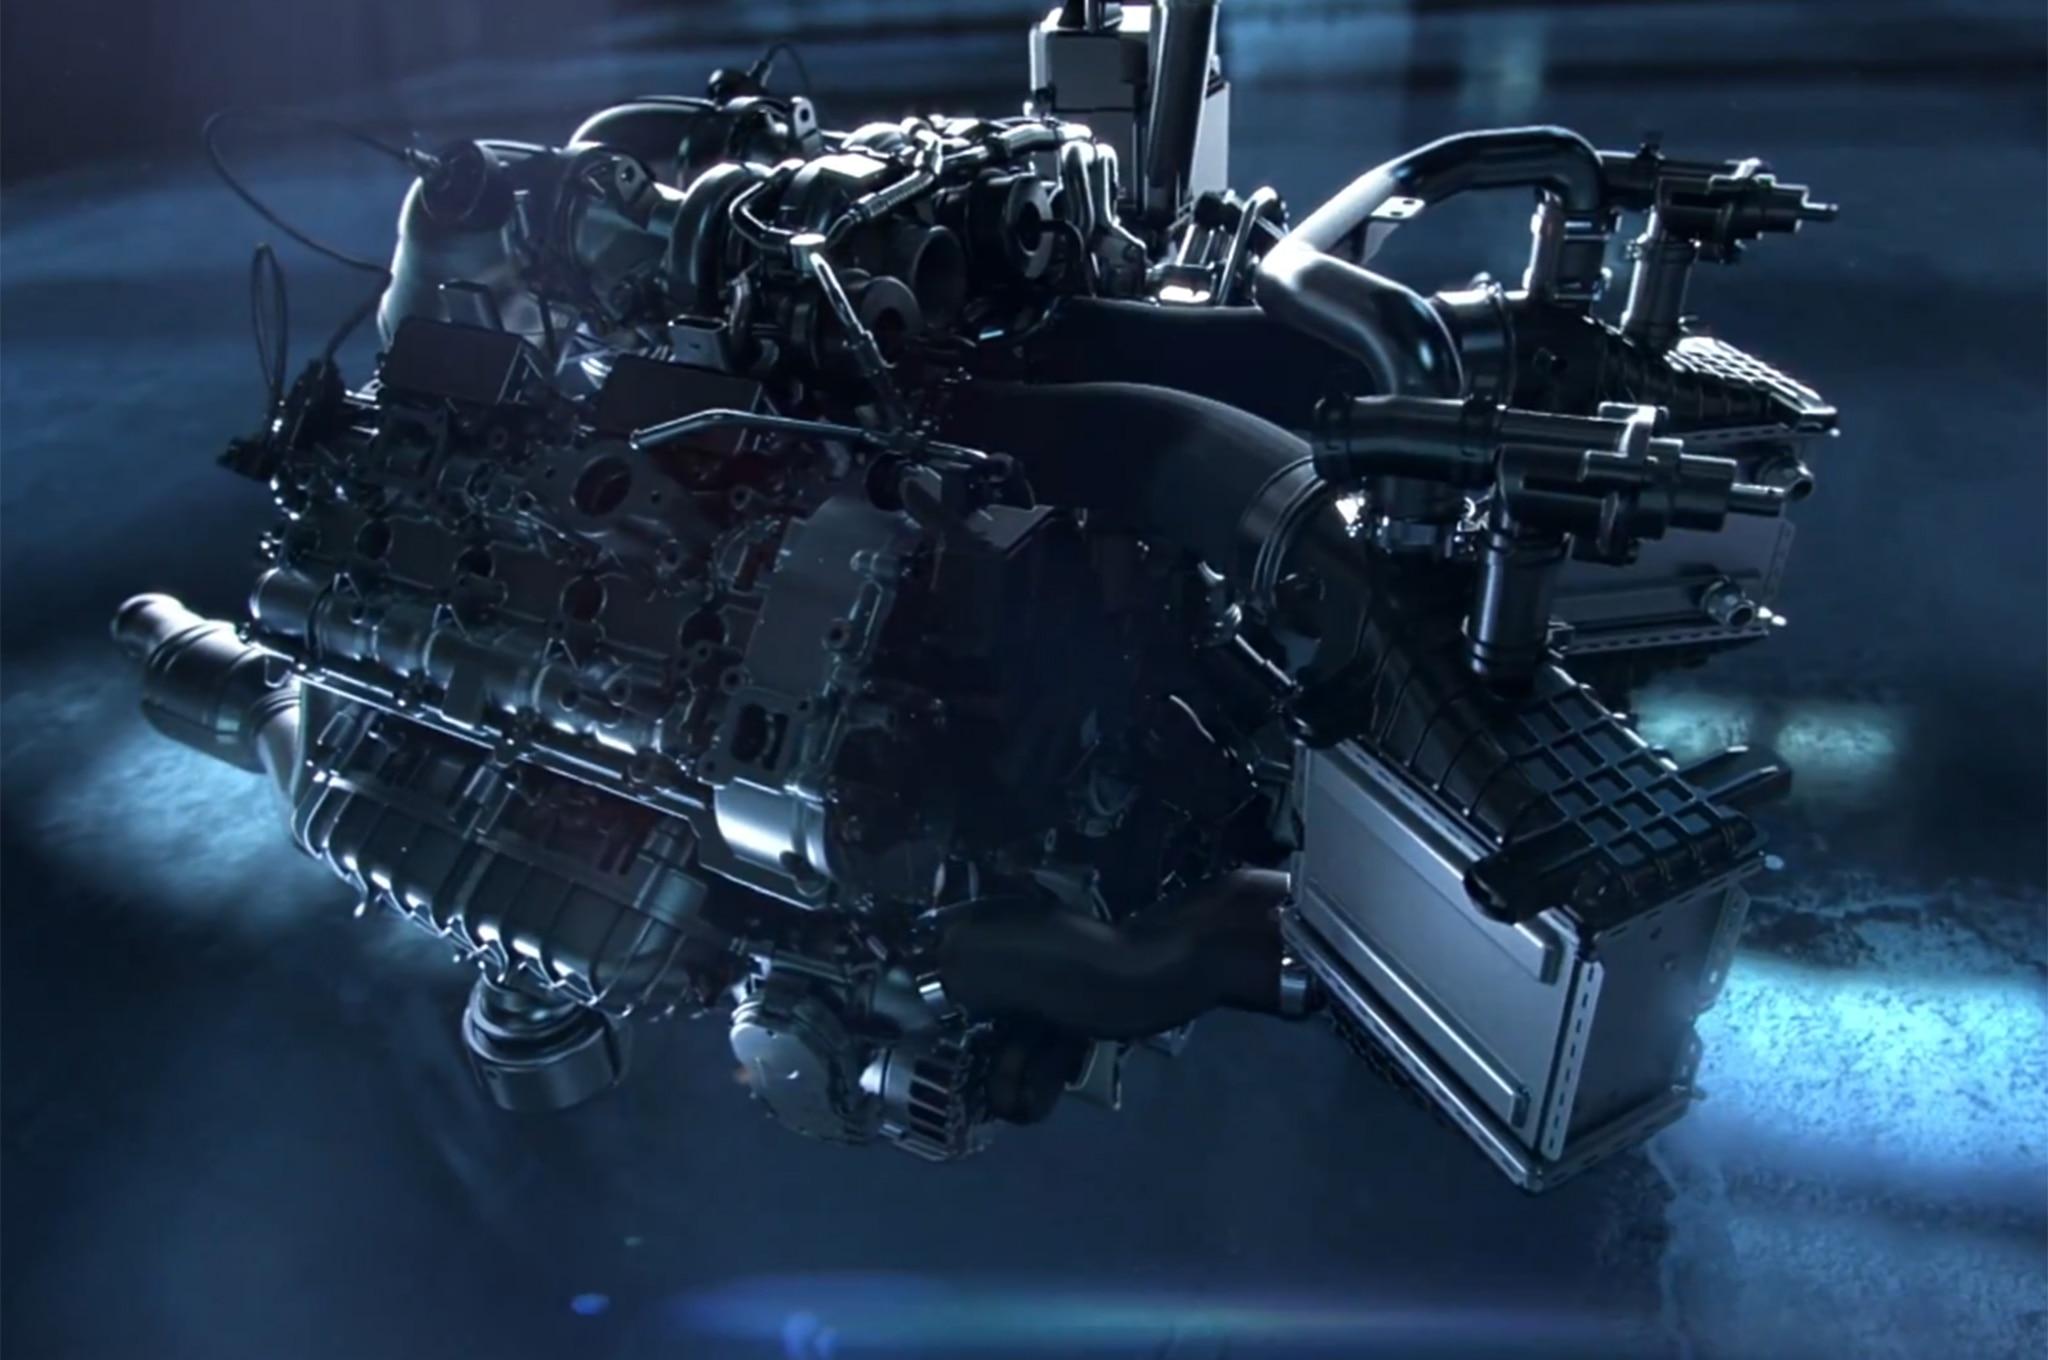 Mercedes Benz Amg Gt Engine 31